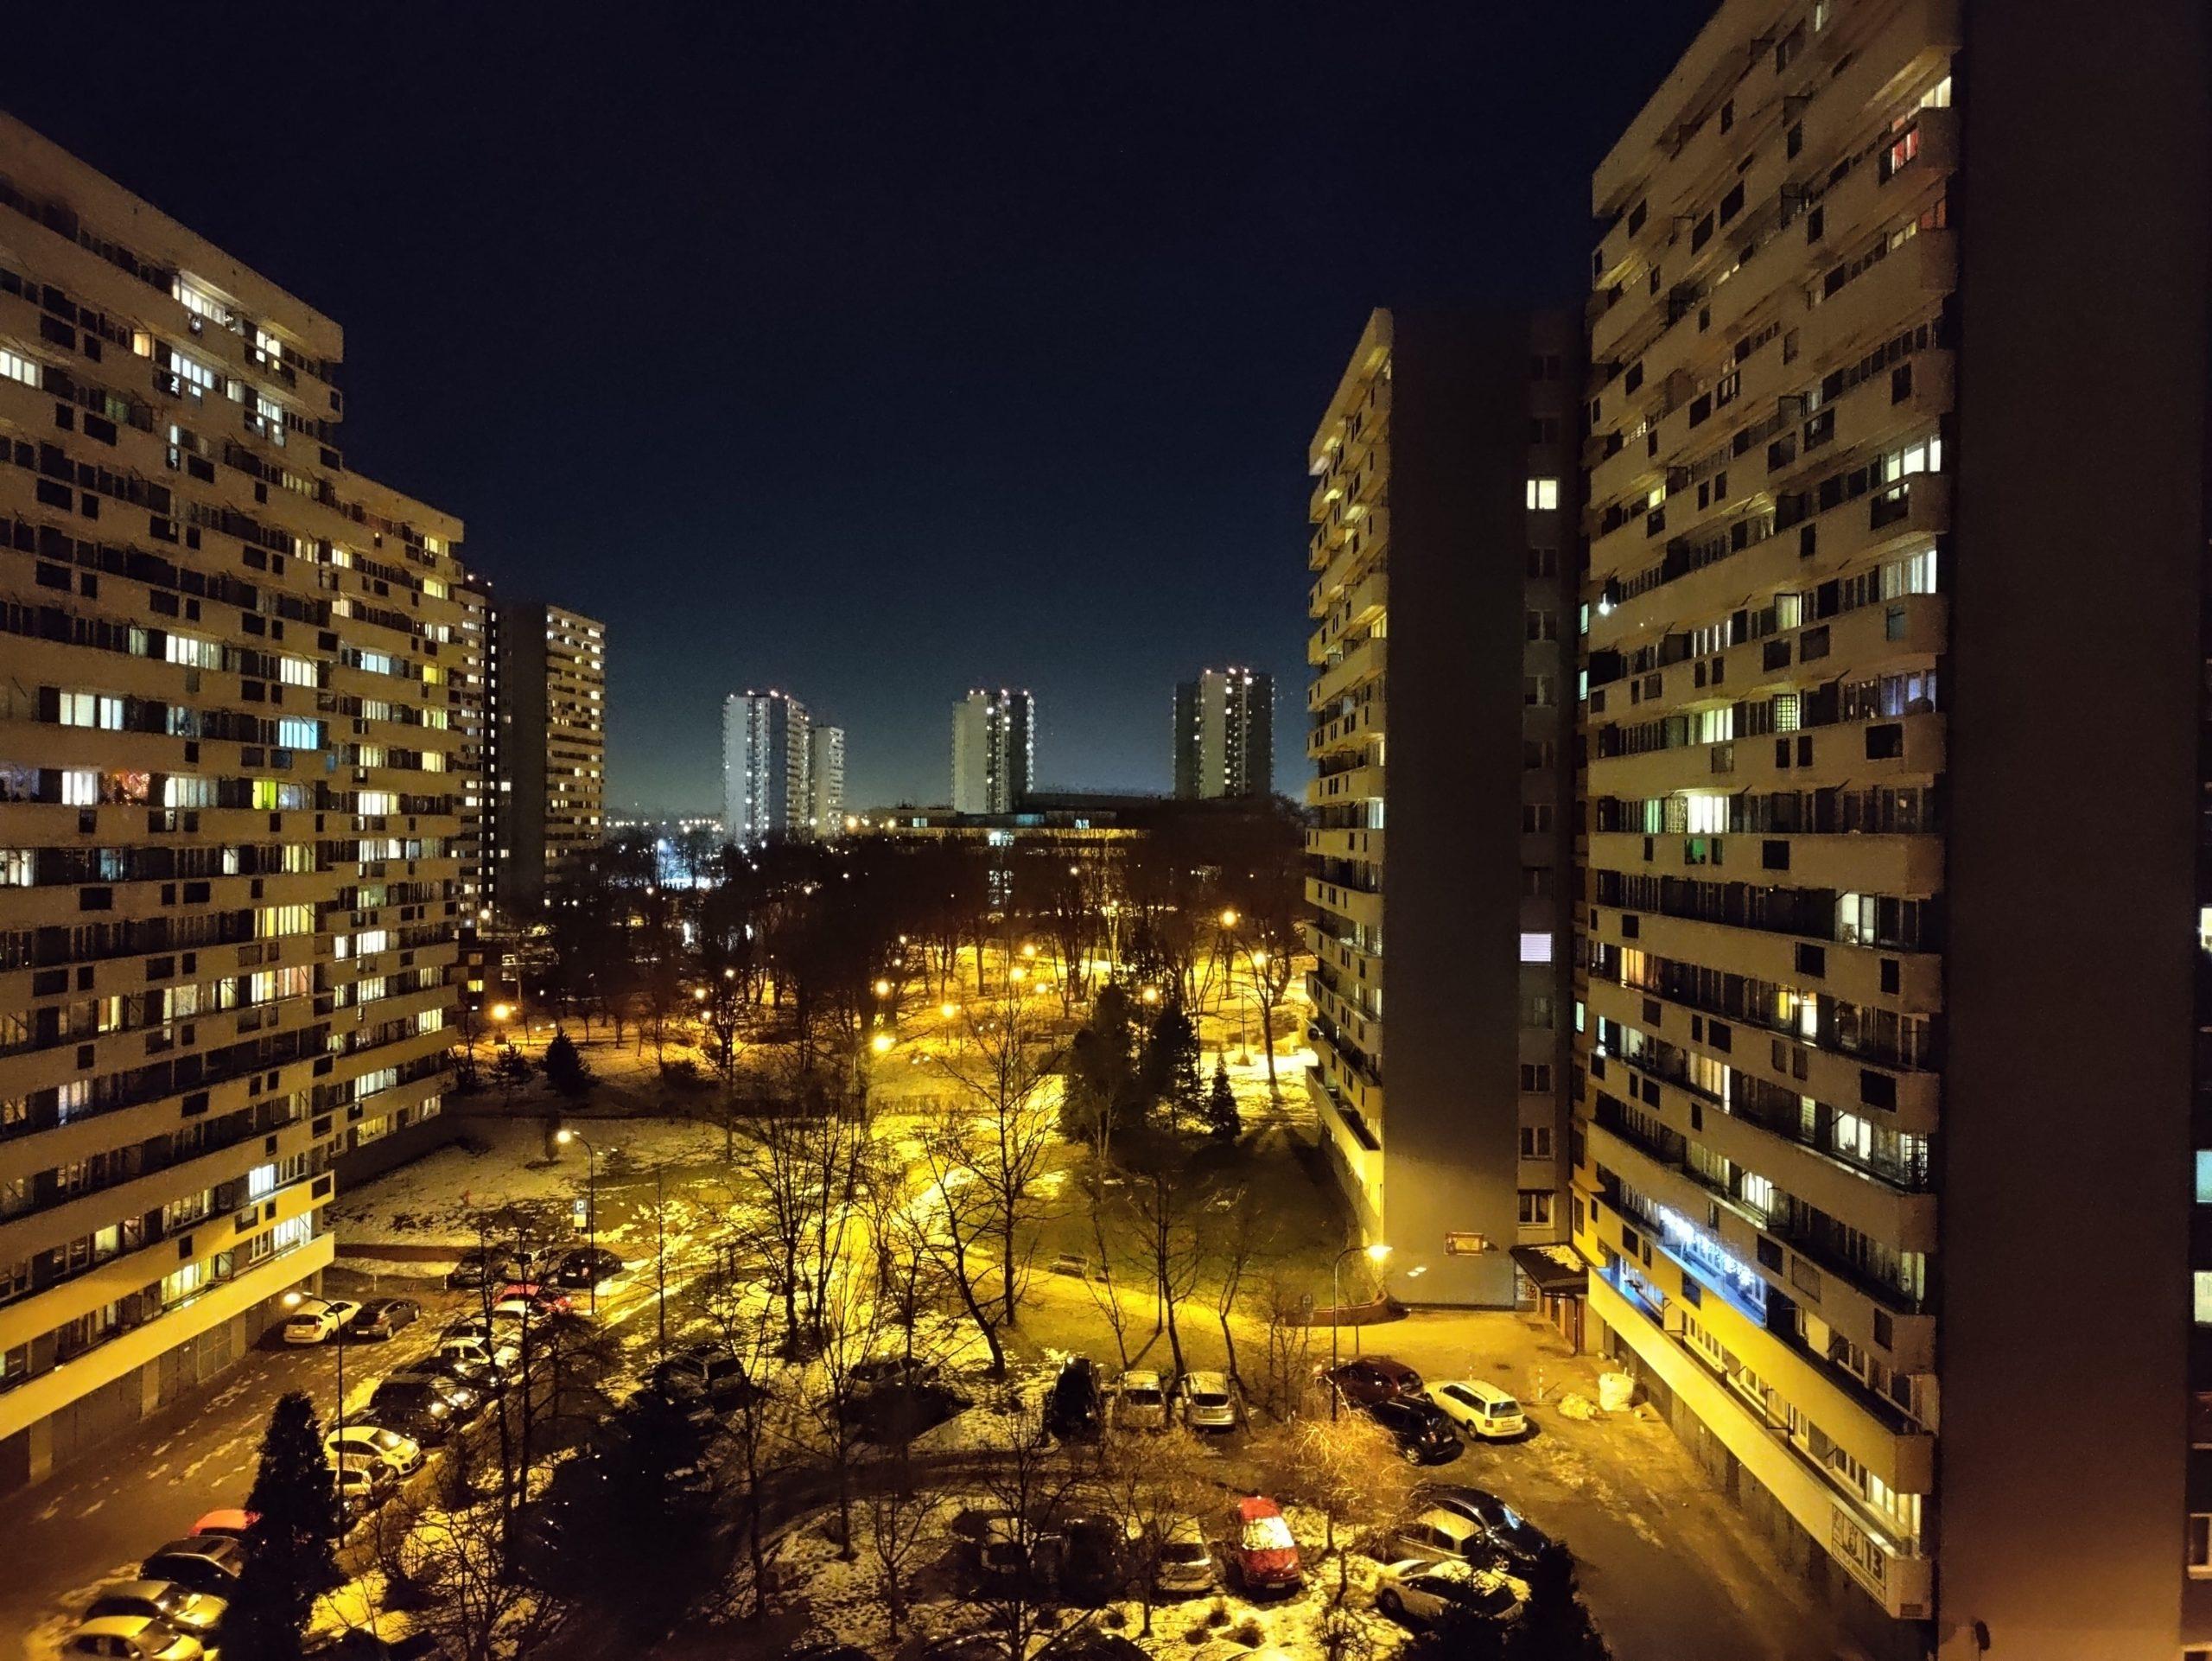 Zdjęcia nocne - OnePlus N10